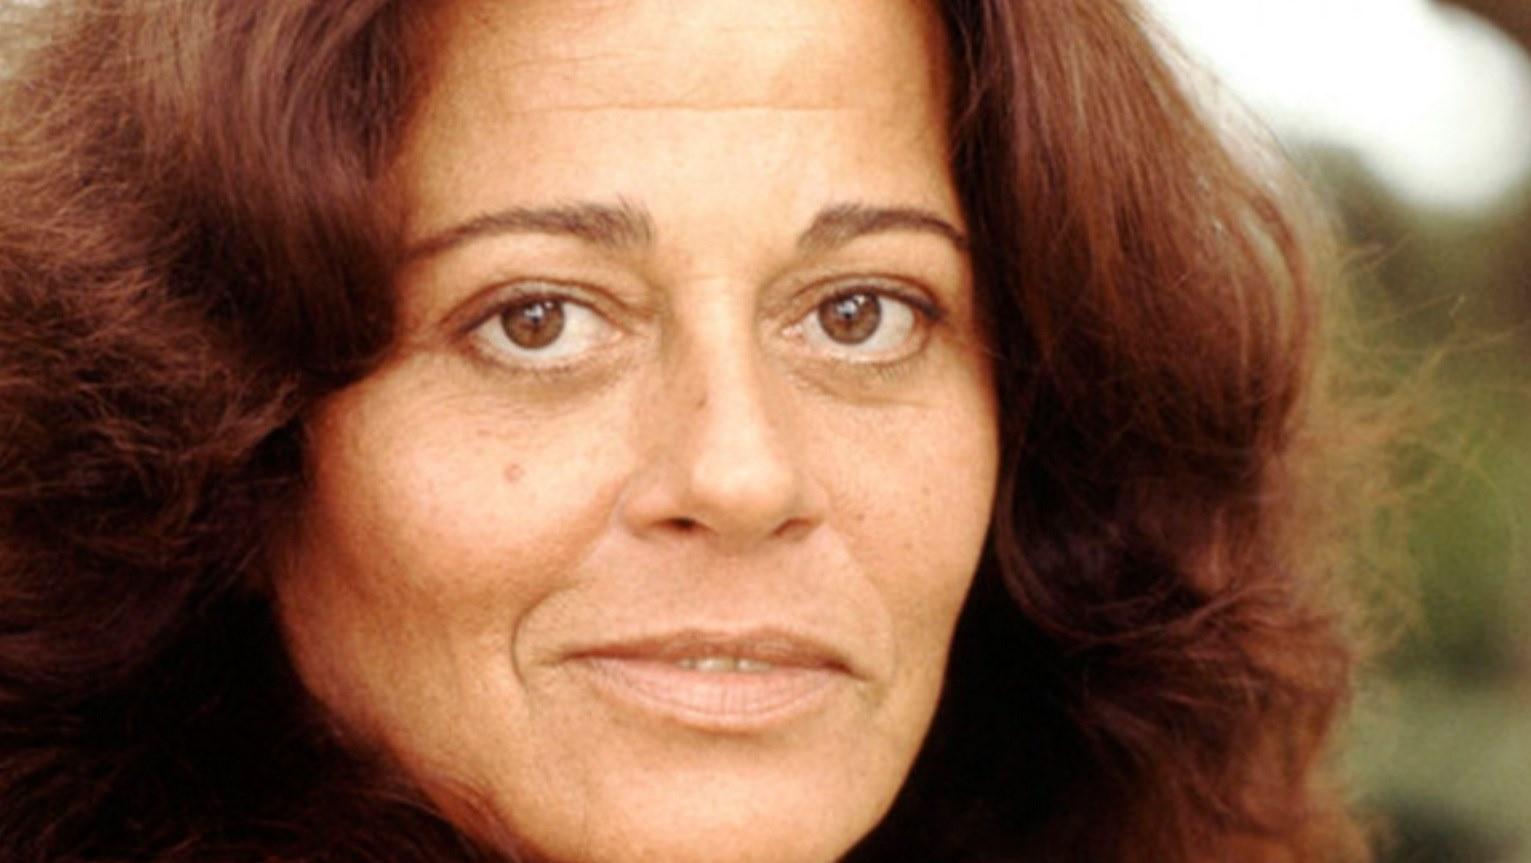 21 de Setembro - Norma Bengell, atriz e diretora brasileira.jpg (Moderado)